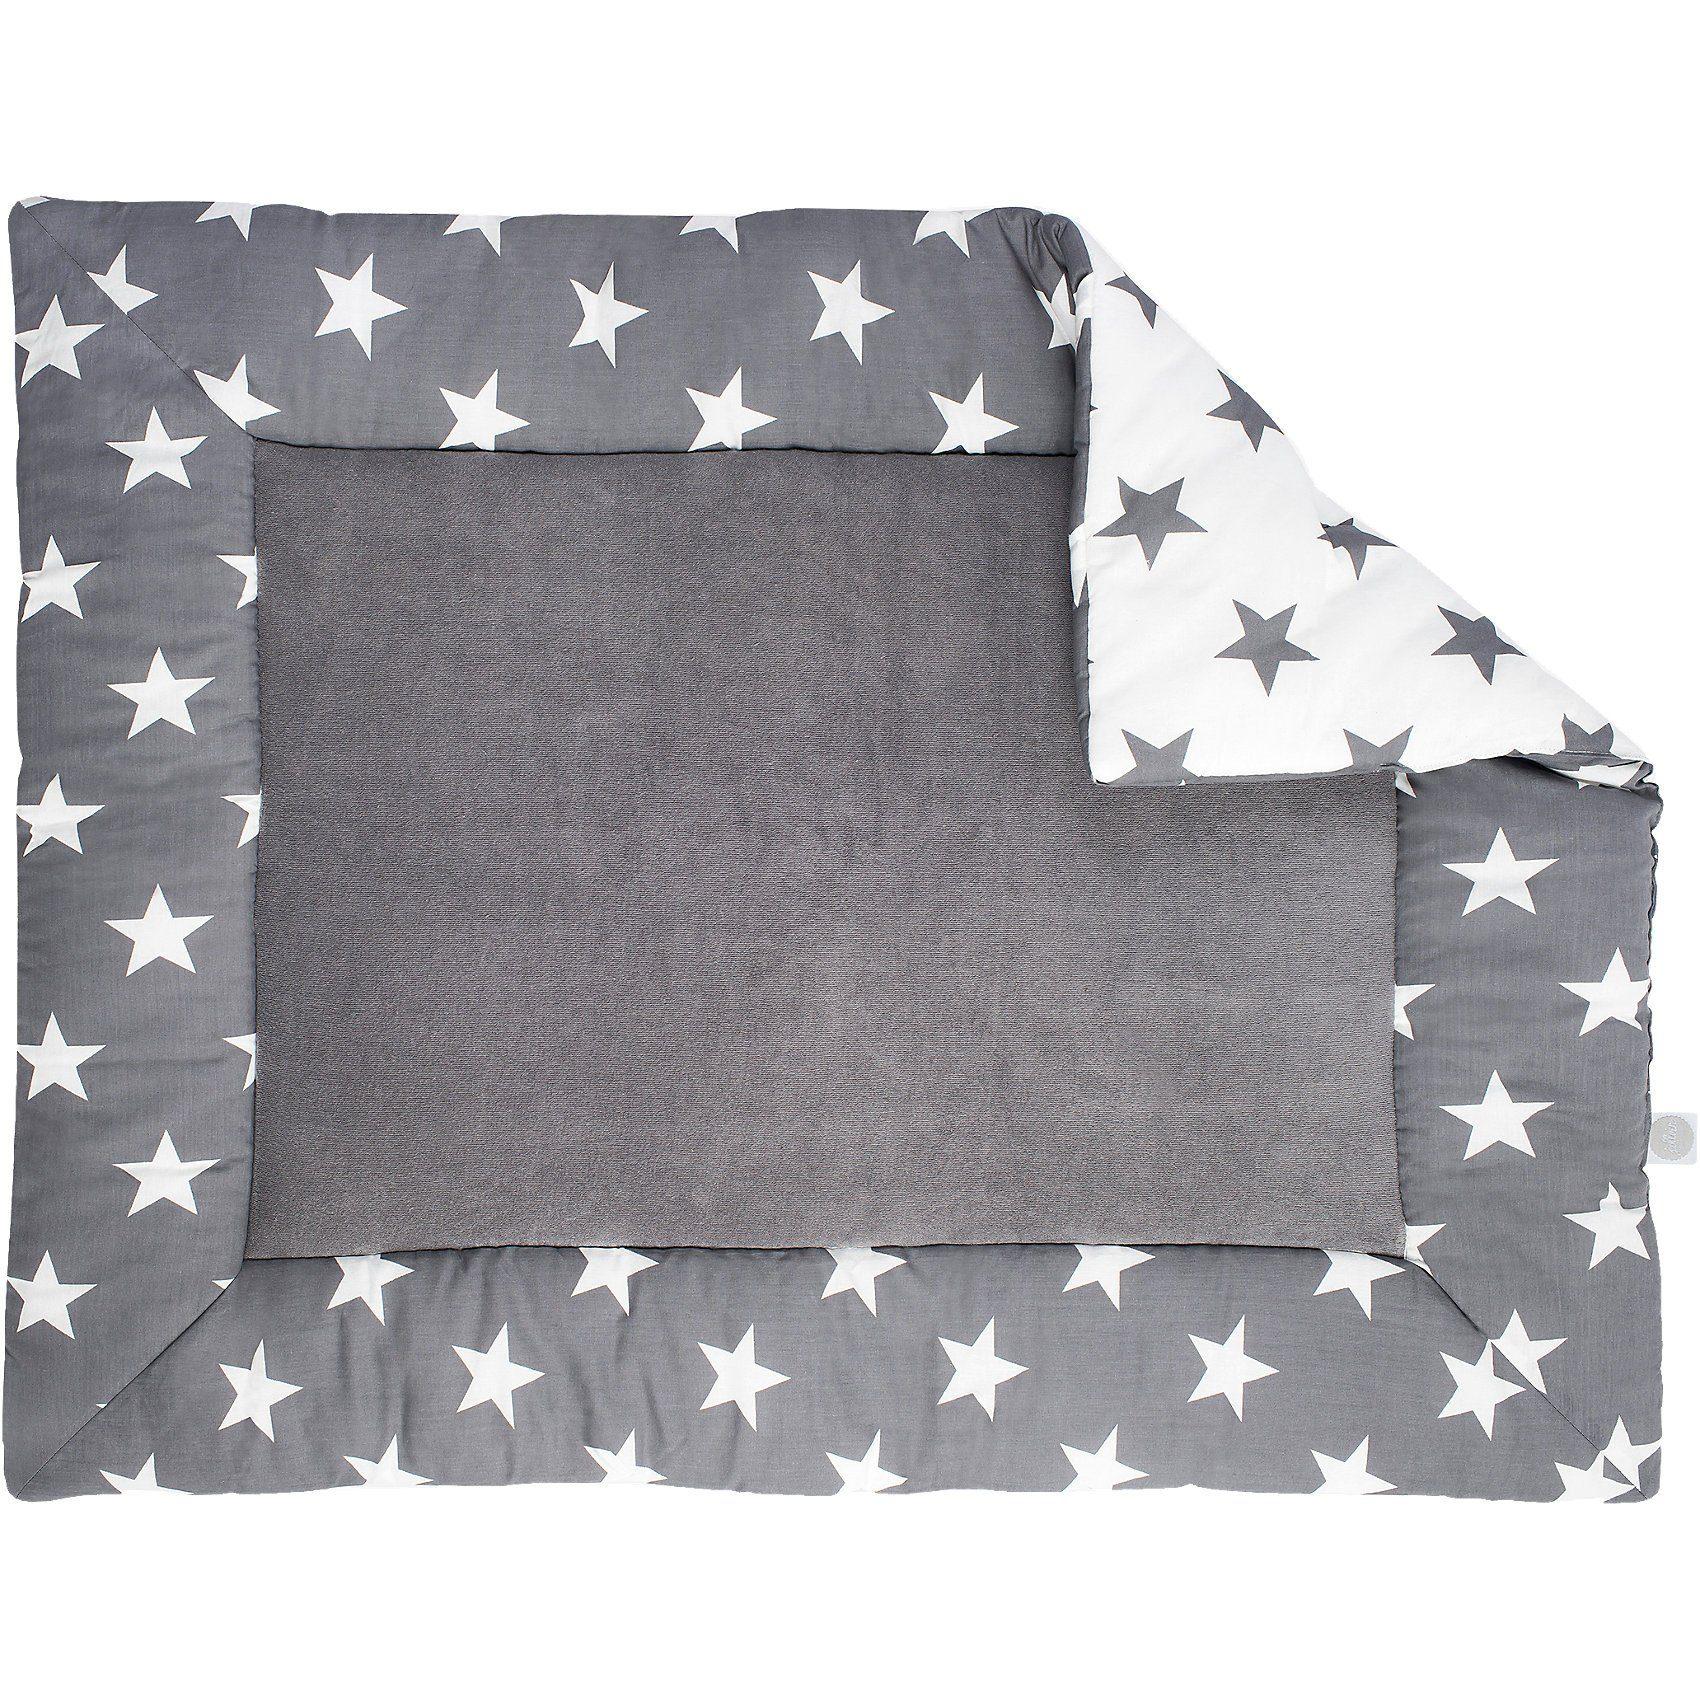 Jollein Krabbeldecke, Little Star, grau, 80 x 100 cm